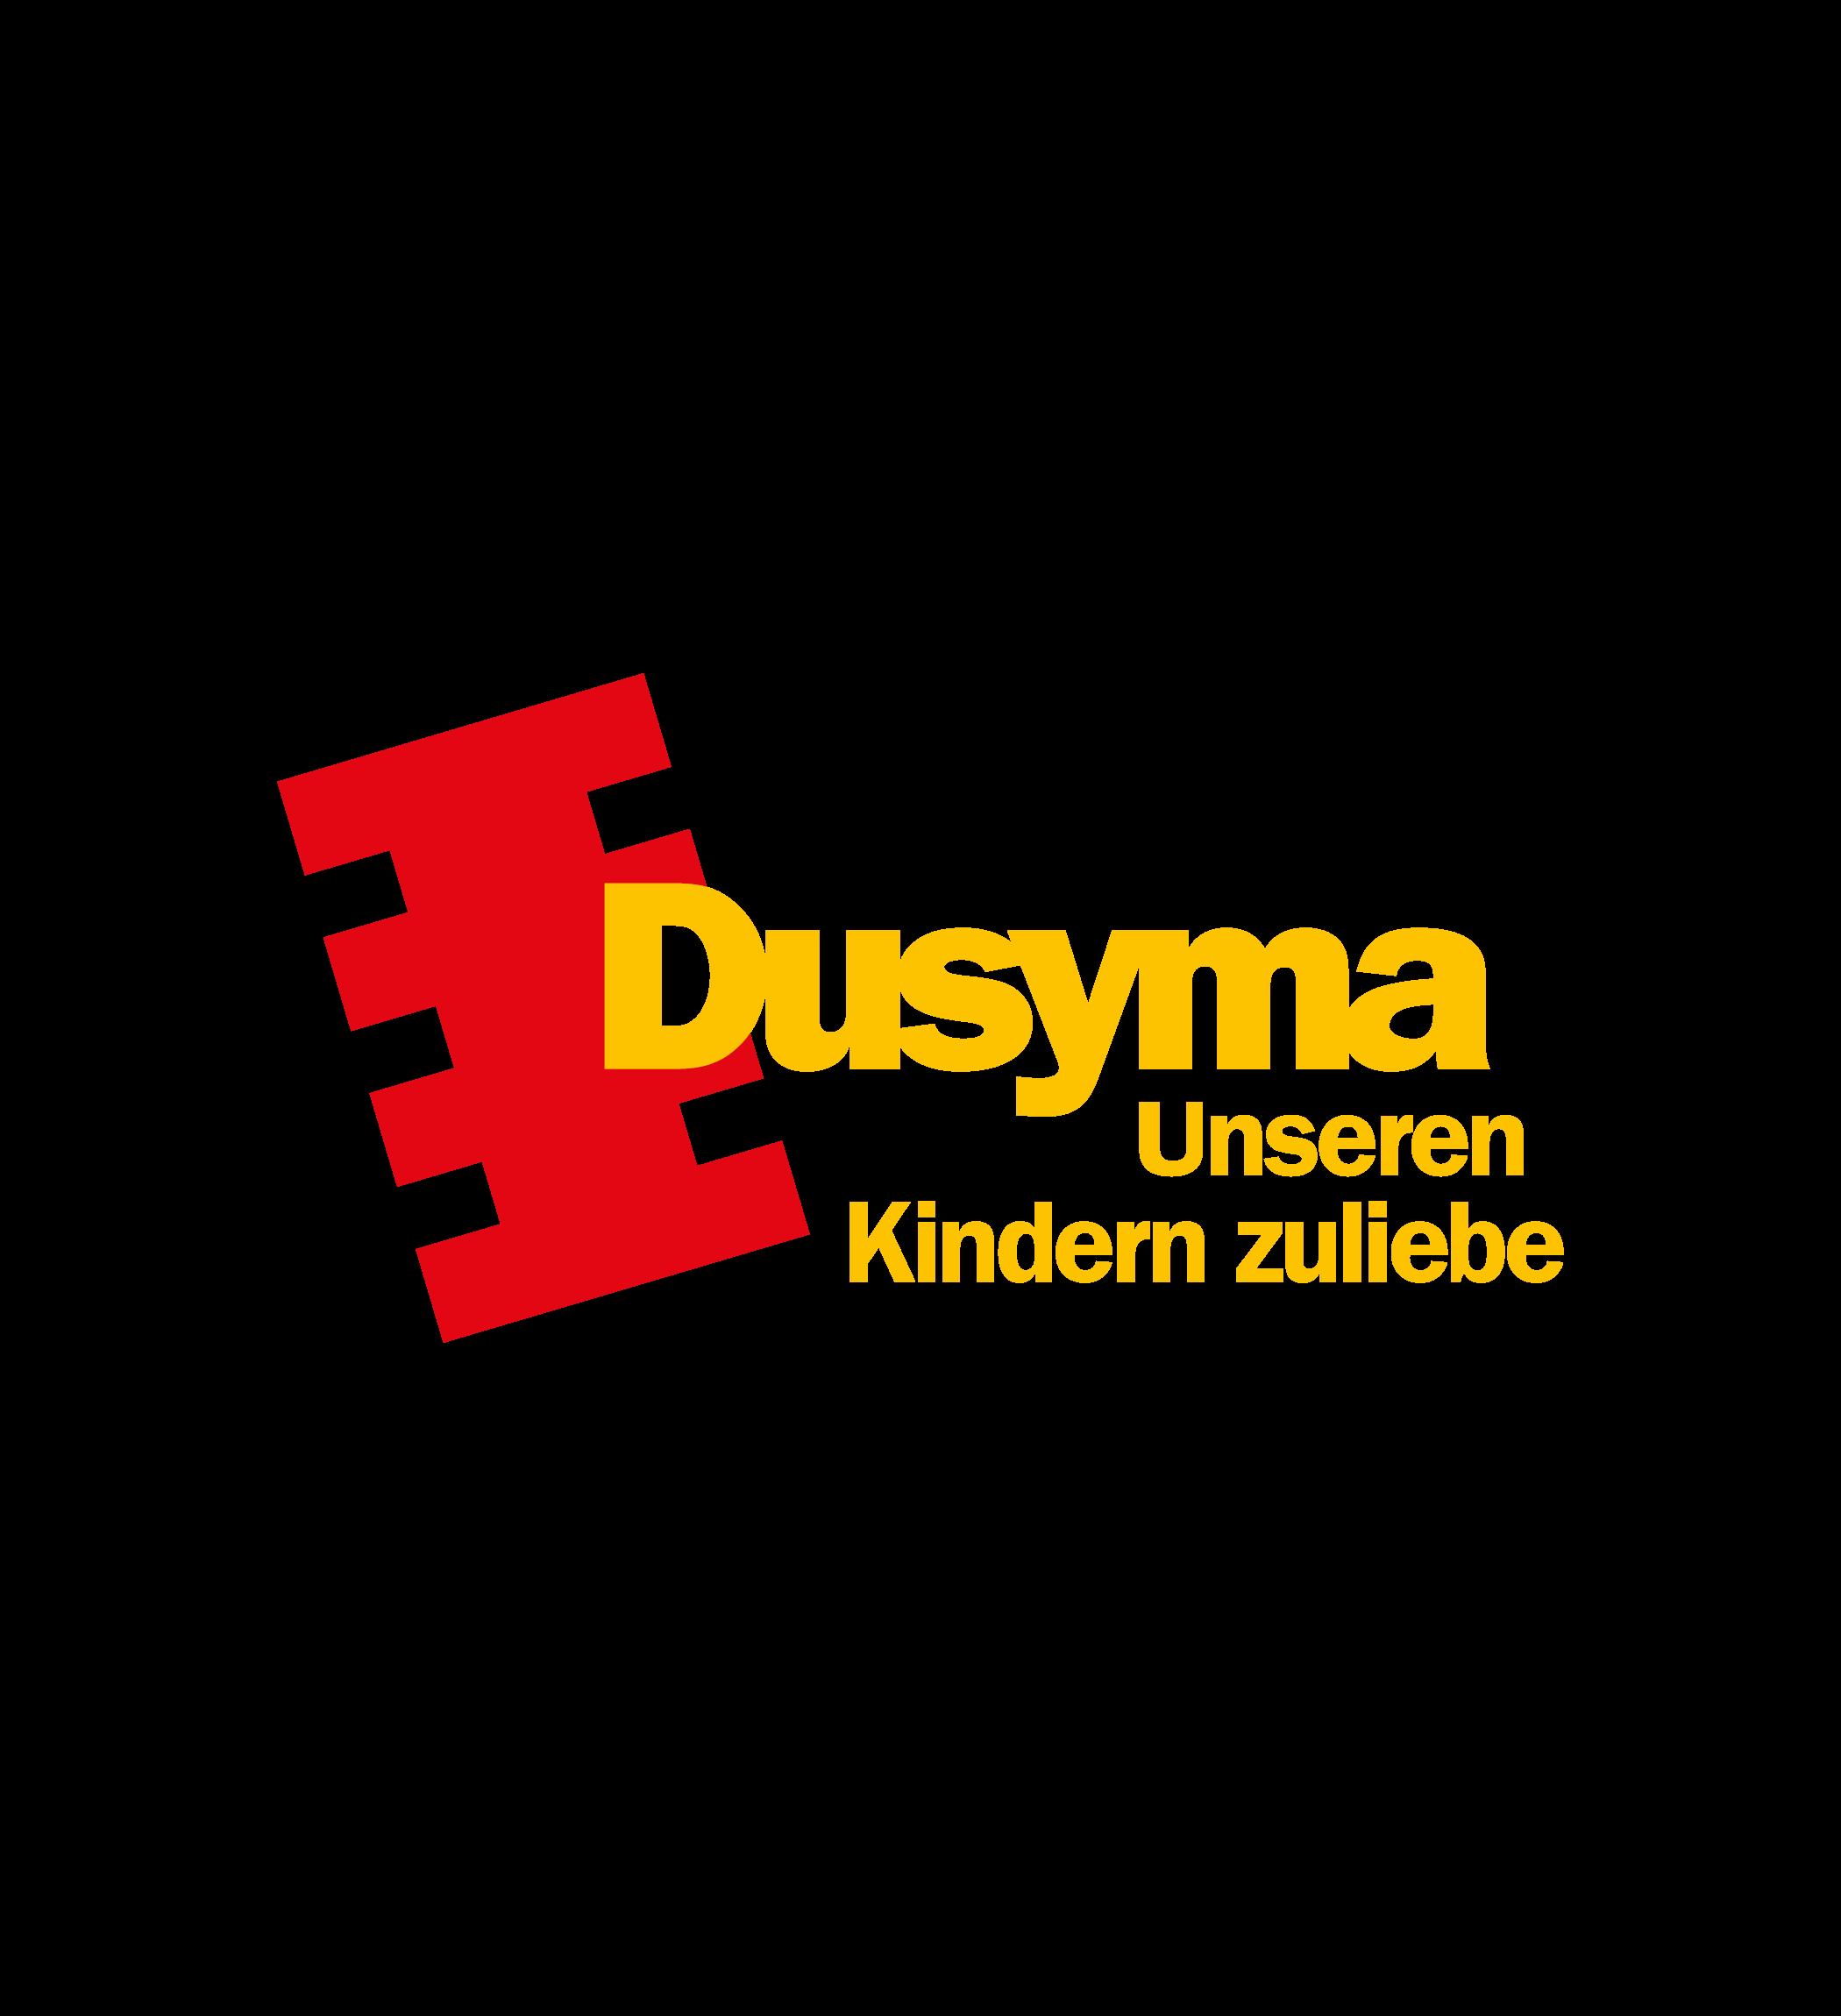 Logo Dusyma Kindergartenbedarf GmbH